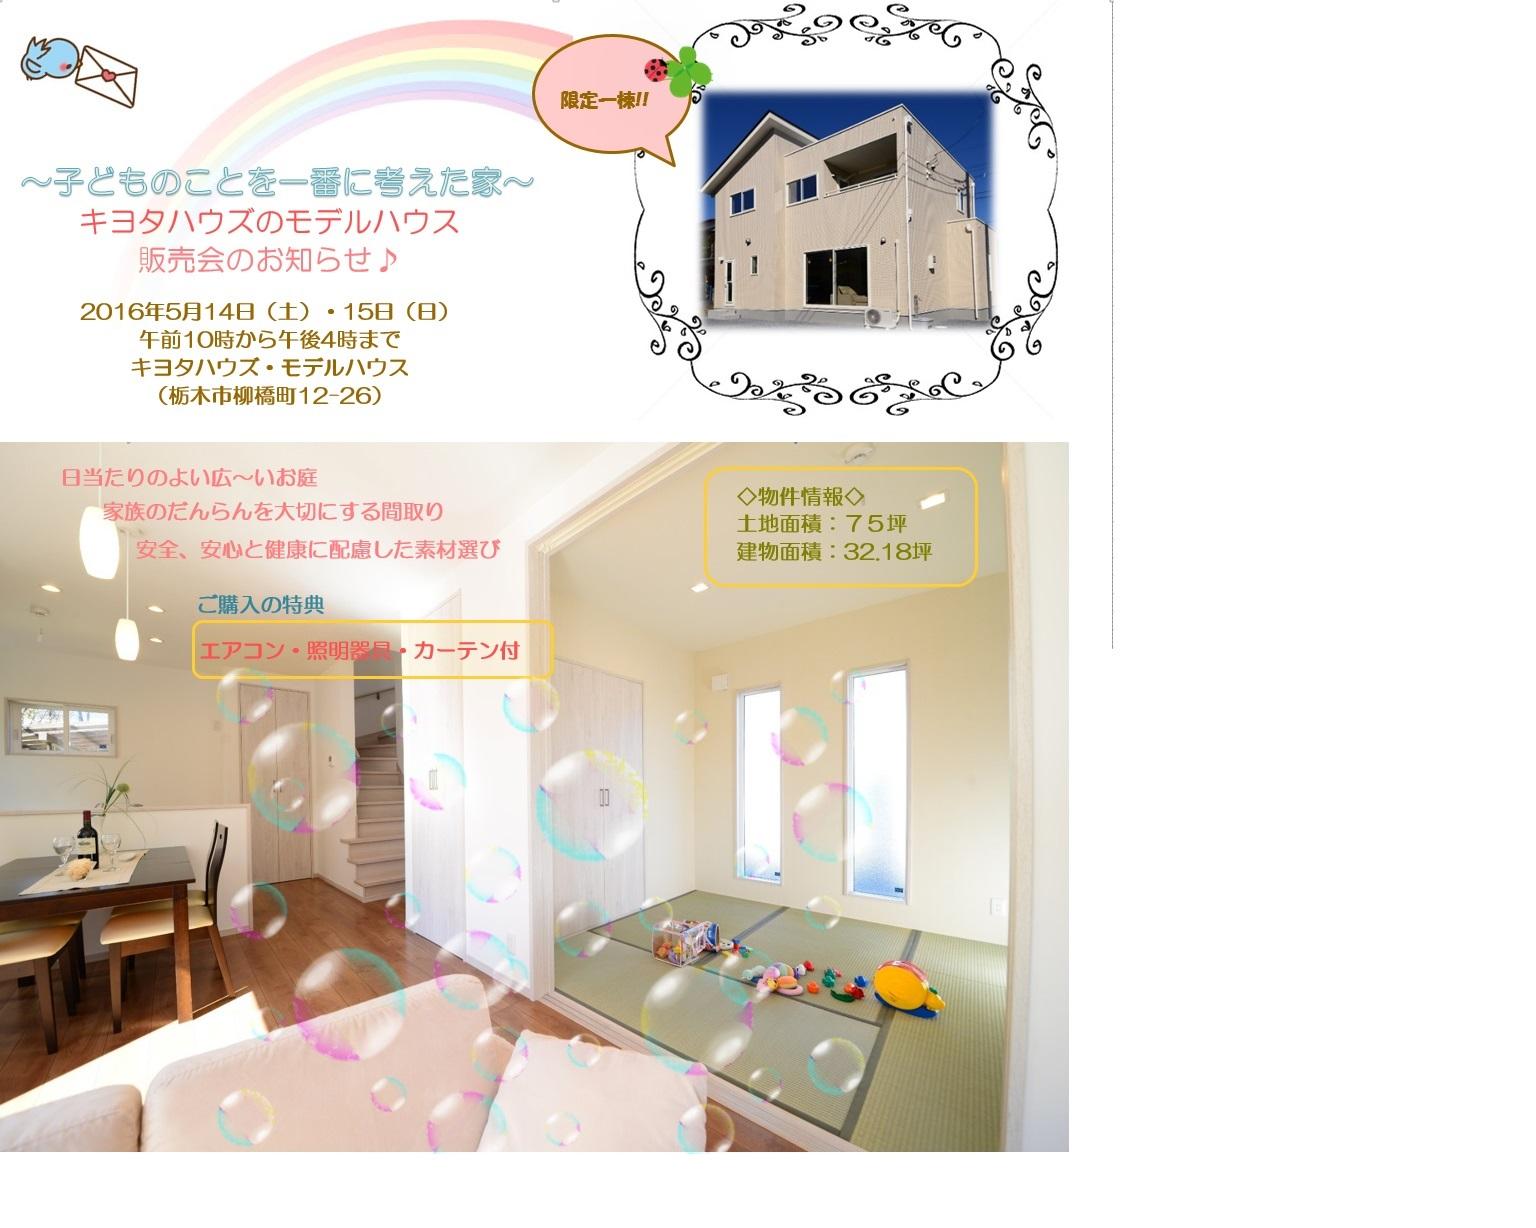 modelhouse-1.jpg